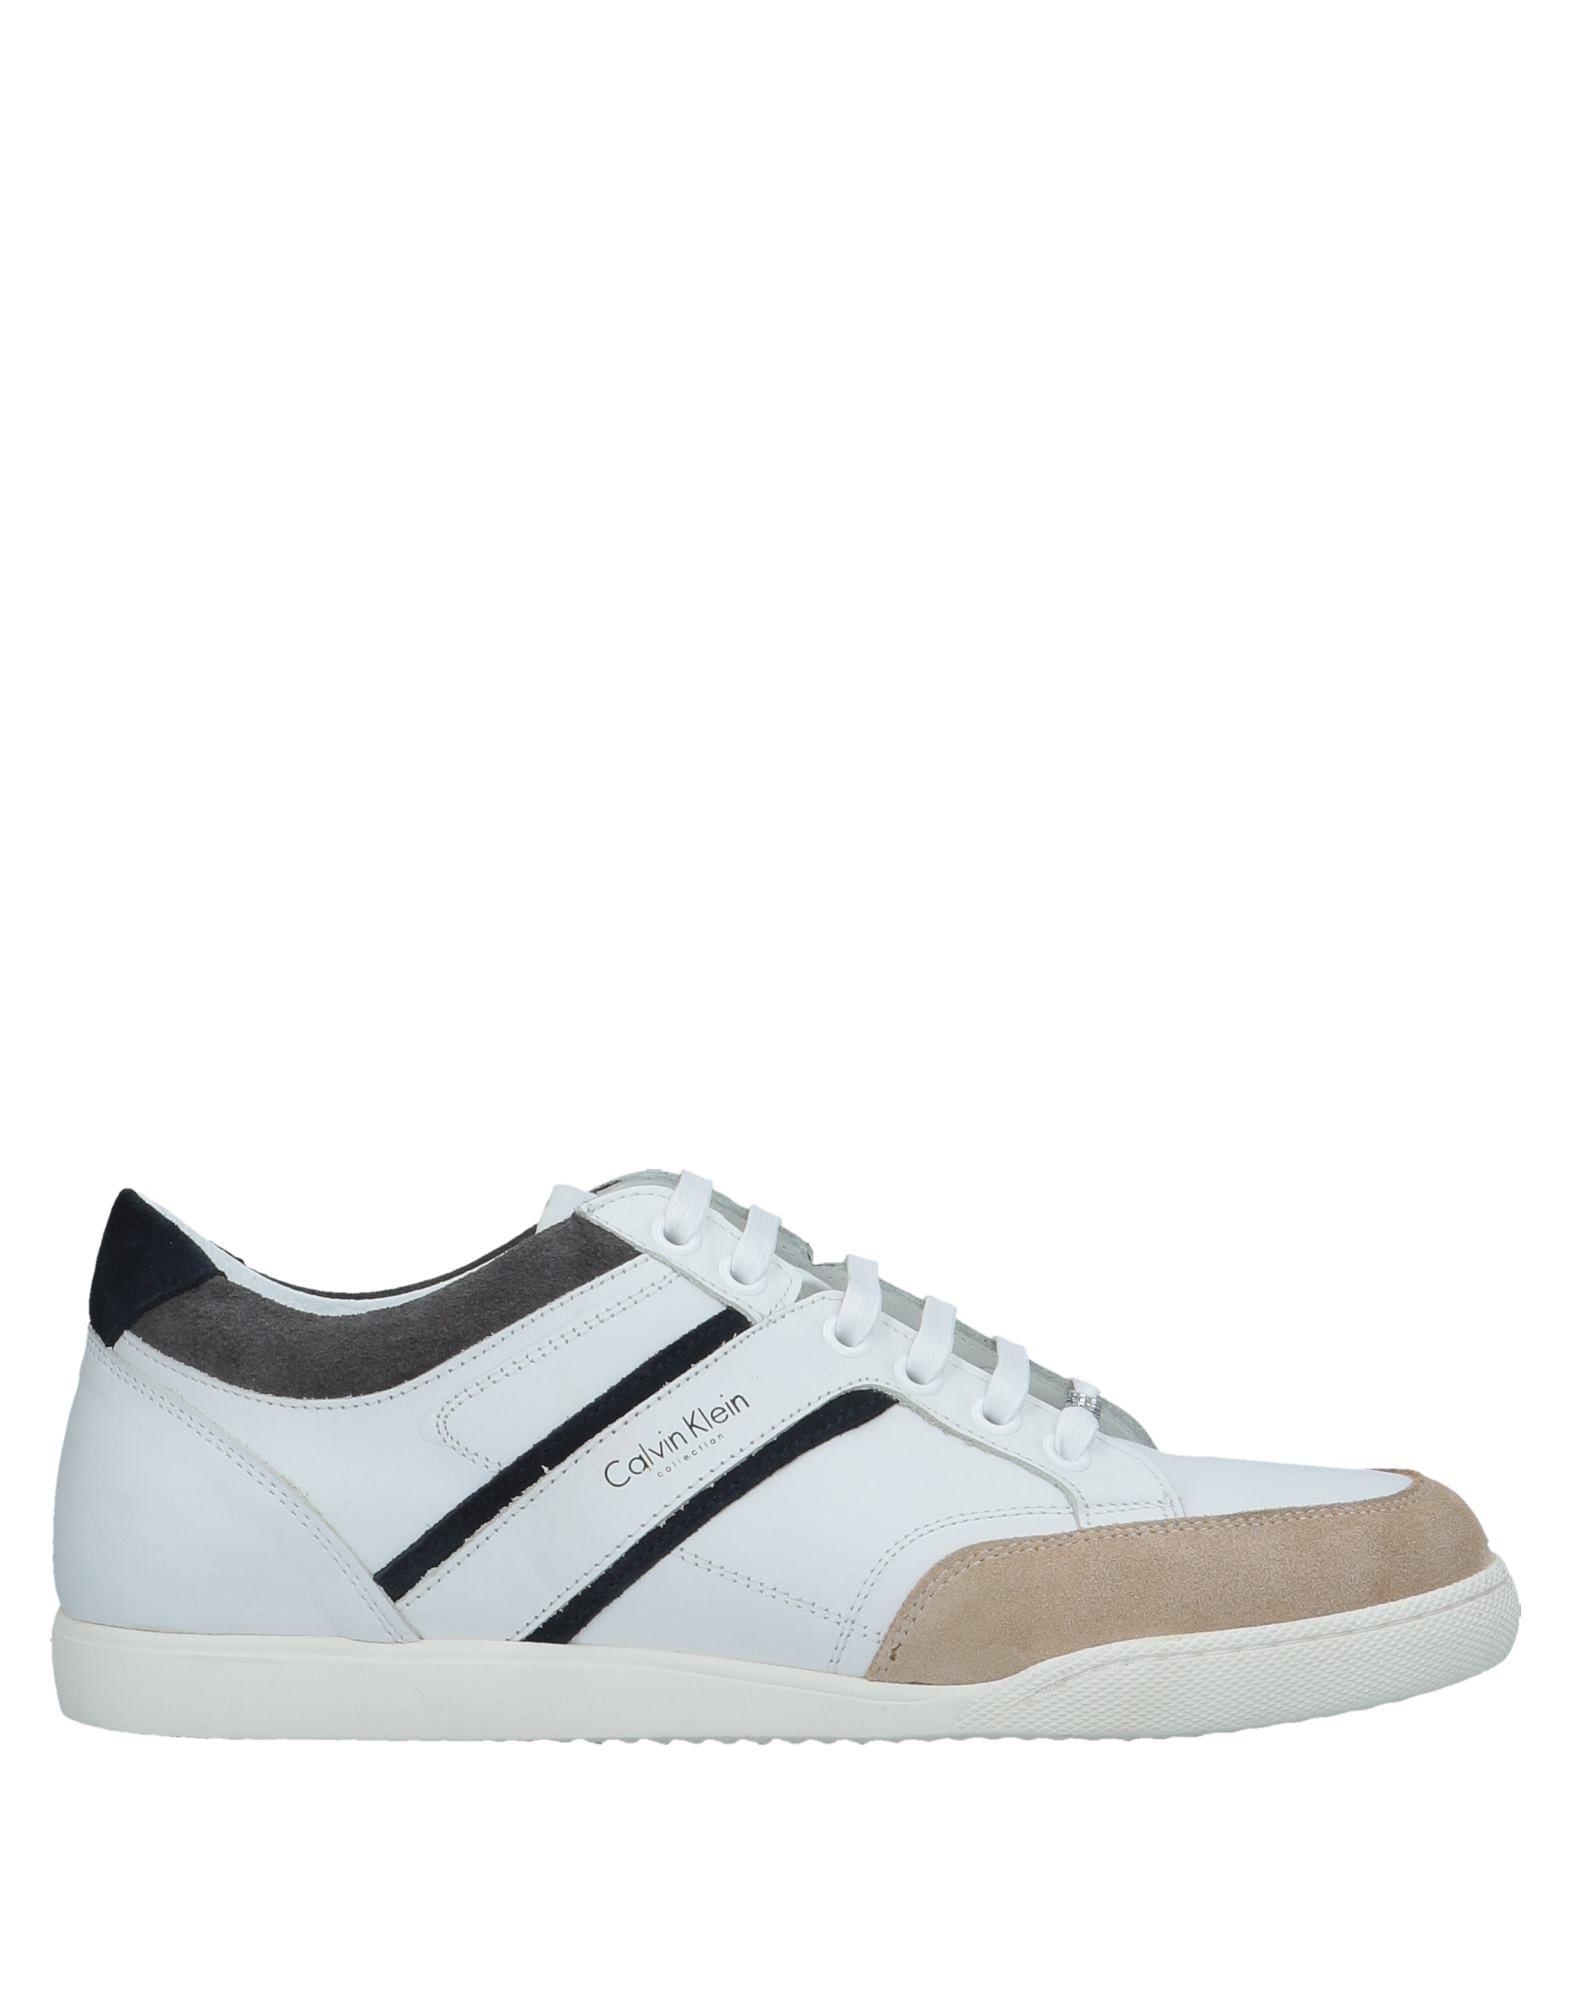 Calvin Klein Collection Sneakers Herren  11540117OL Gute Qualität beliebte Schuhe